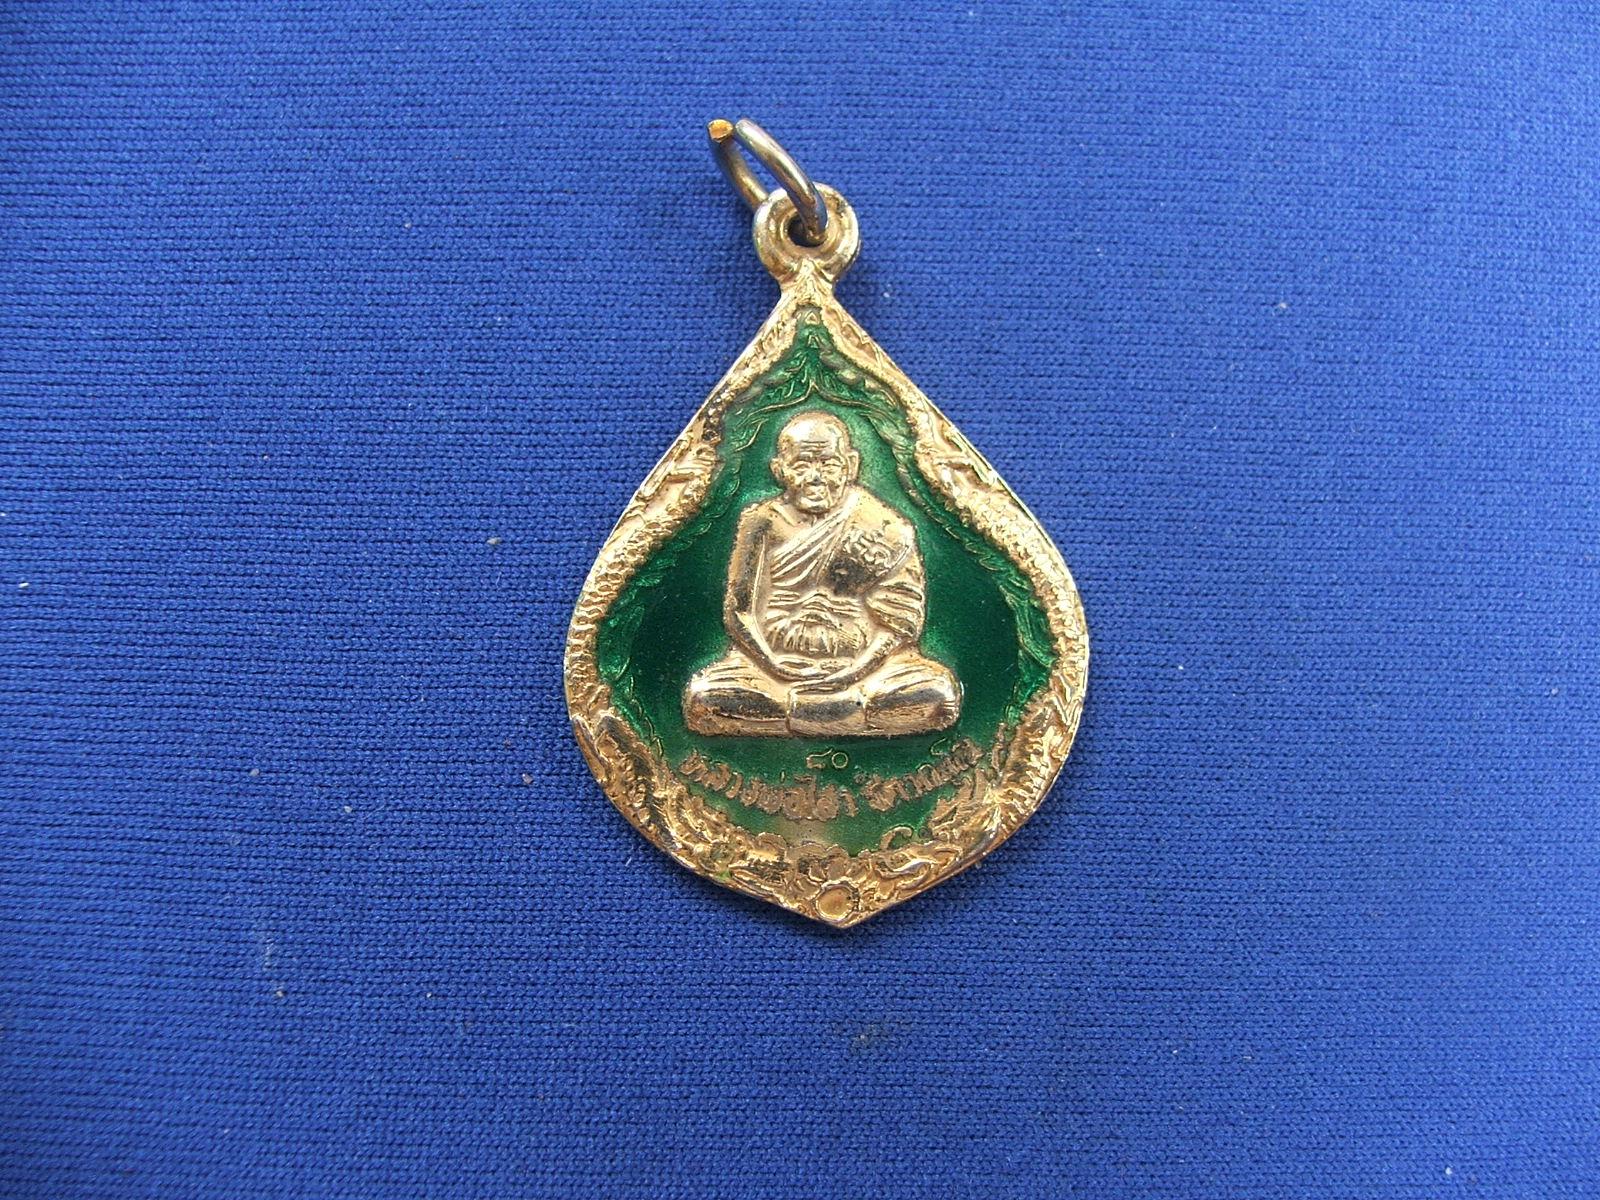 หลวงพ่อไสว ลงยา ที่ระลึกปิดทองฝังลูกนิมิต วัดปรีดาราม(ยายส้ม) ๒๕๔๔